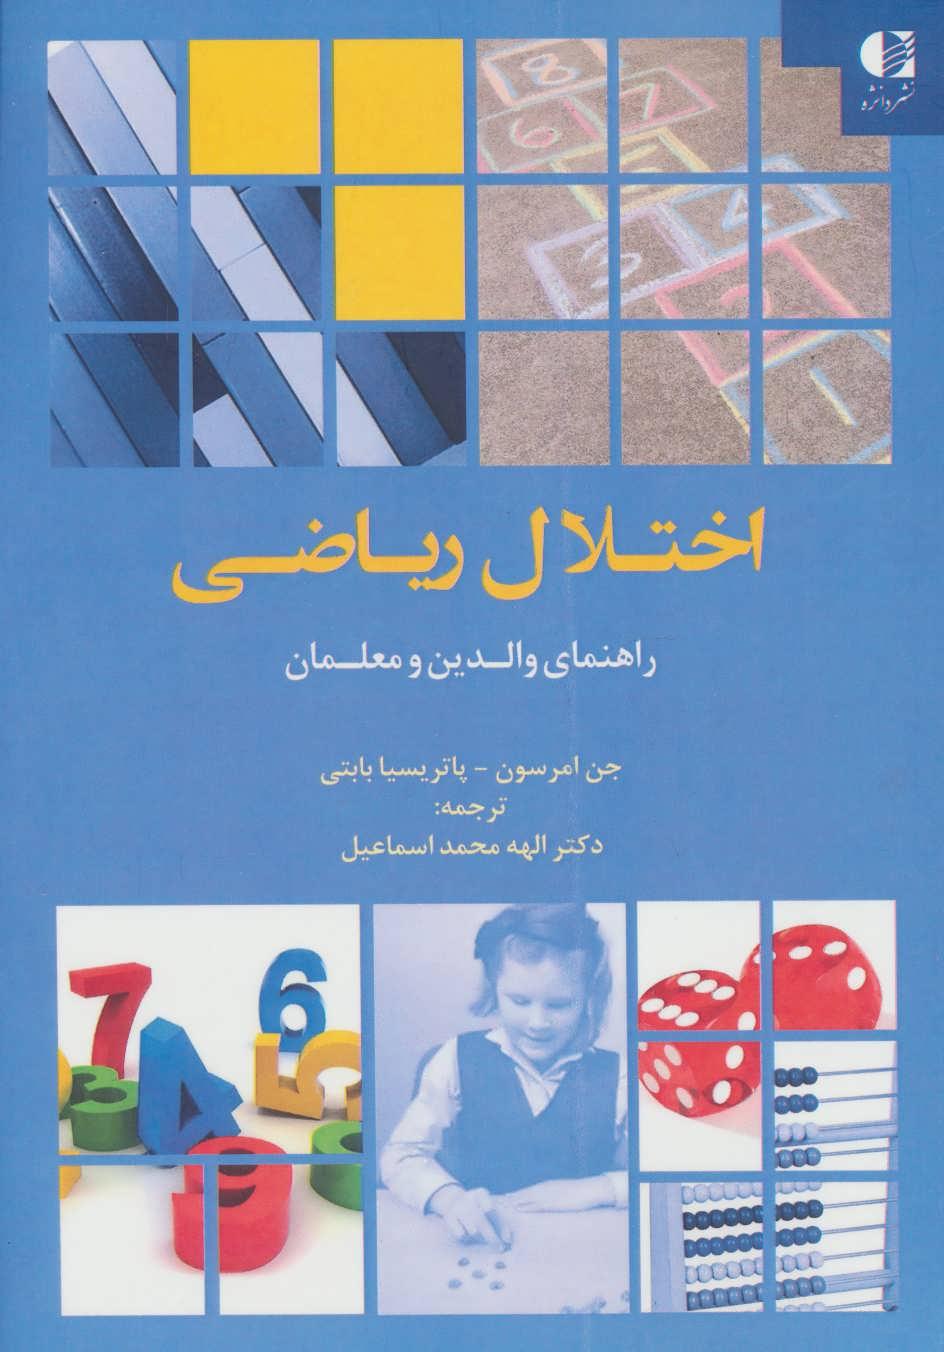 اختلال ریاضی (راهنمای والدین و معلمان)